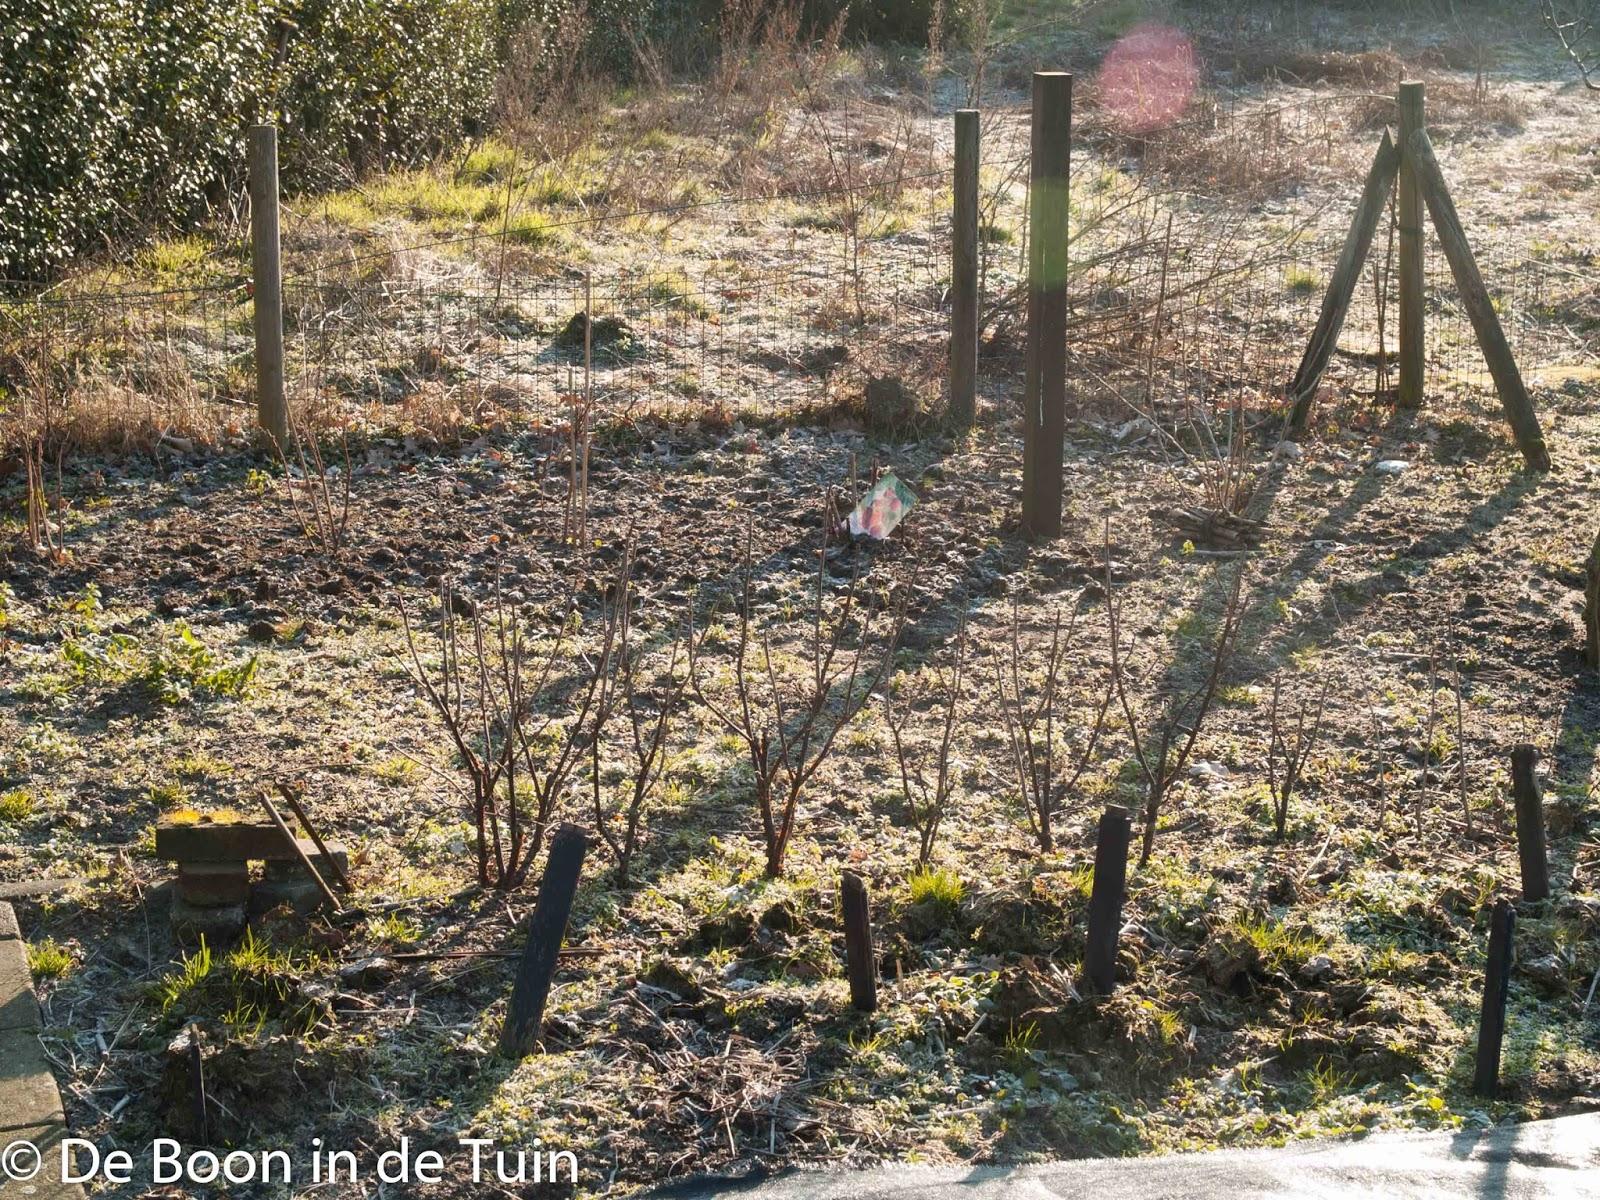 bessen frambozen winter vorst moestuin volkstuin